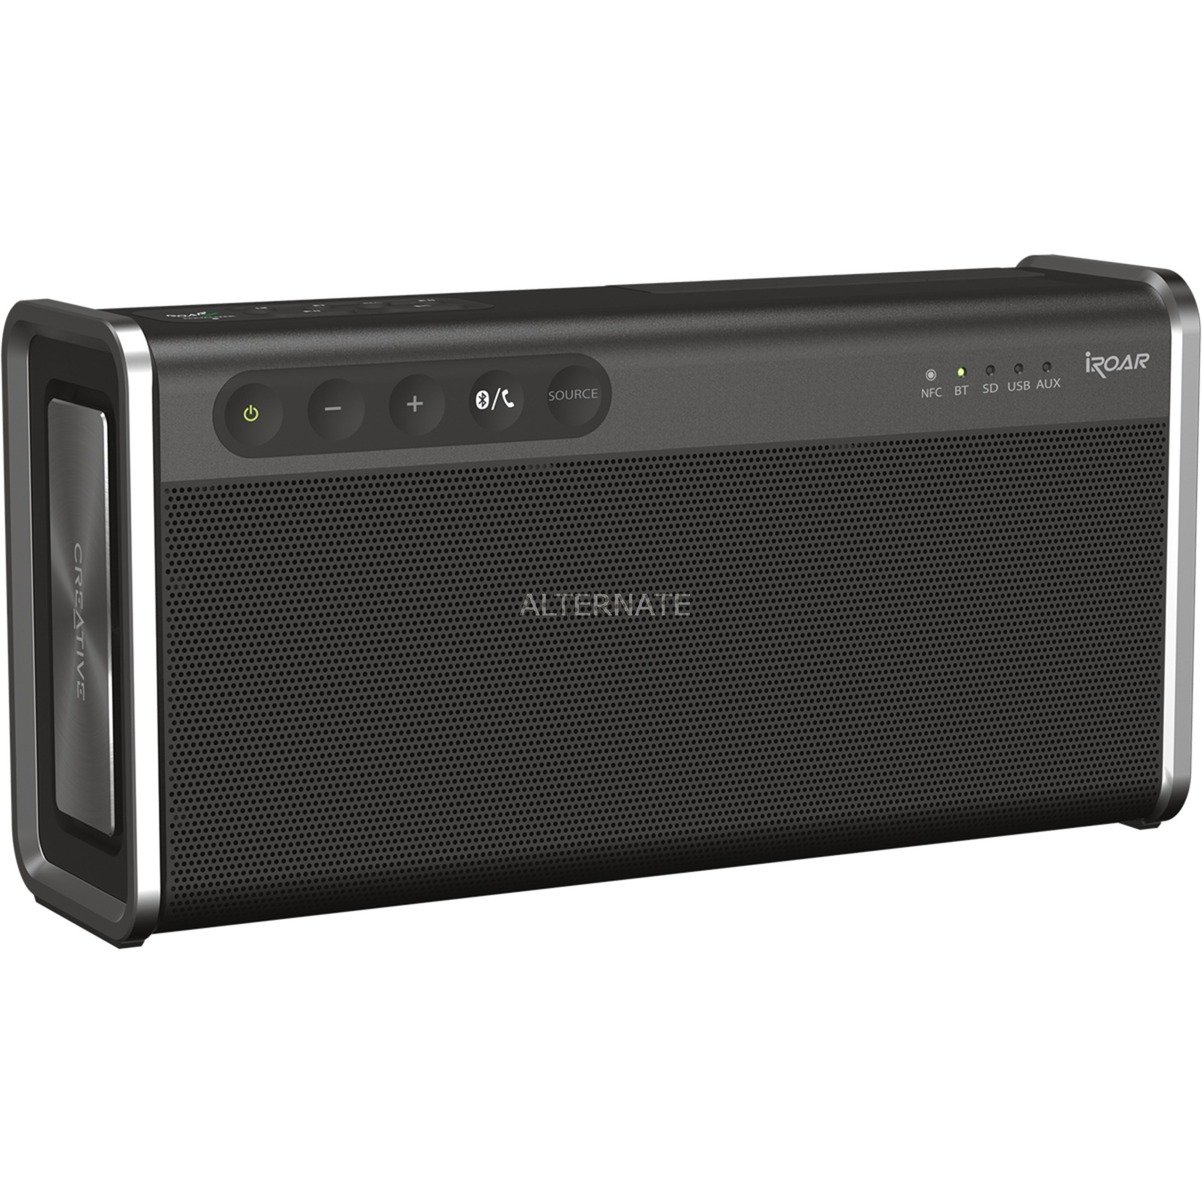 iRoar Go Stereo portable speaker Negro, Altavoz